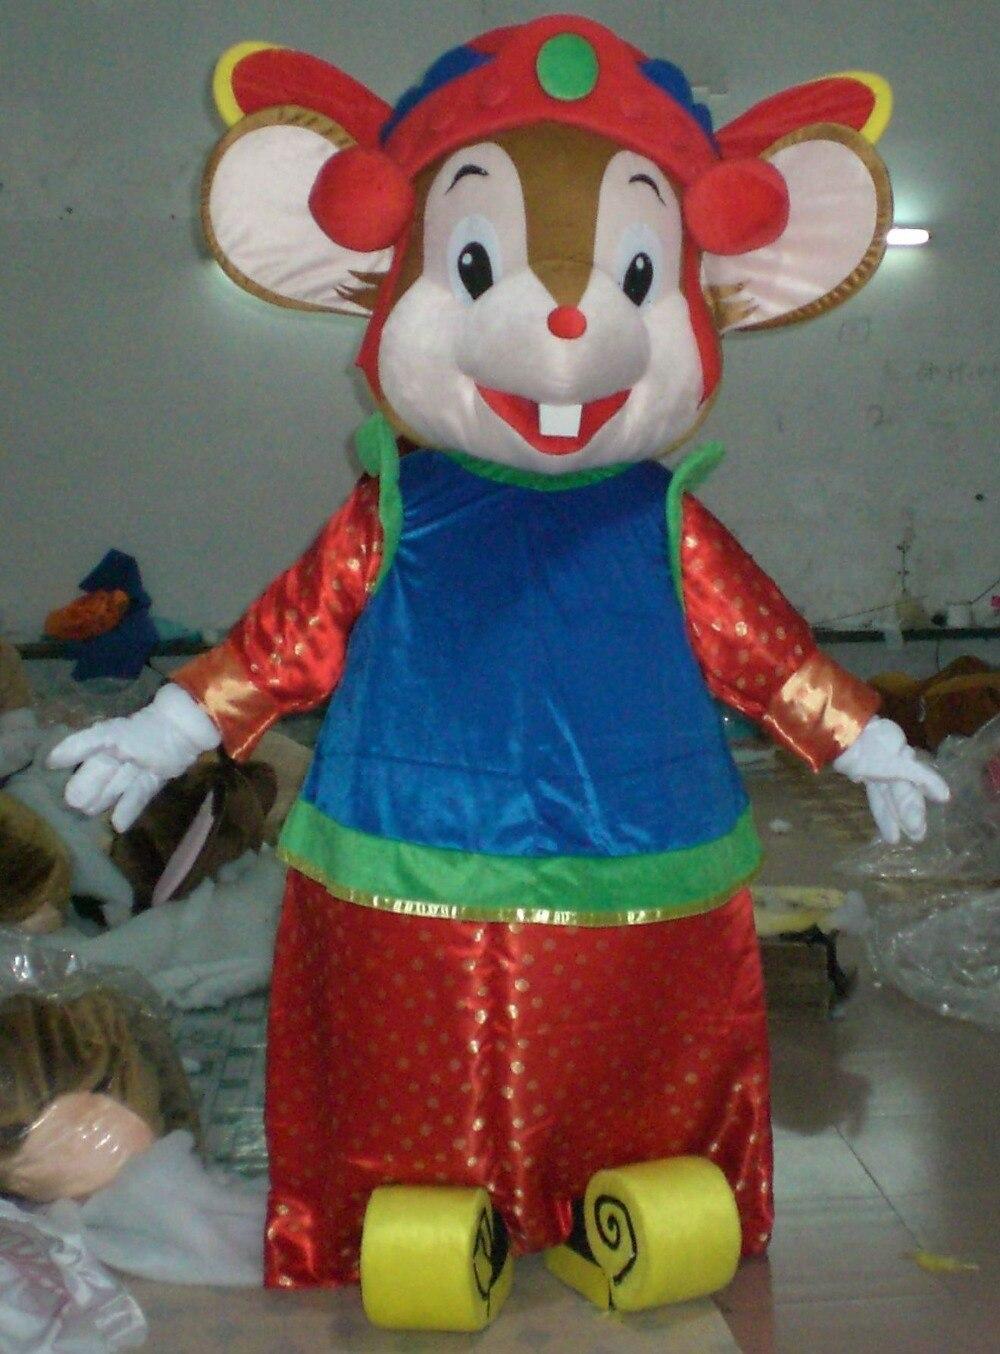 Vente chaude 2015 adulte personnage de dessin animé belle souris marron mascotte Costume déguisements costumes de fête